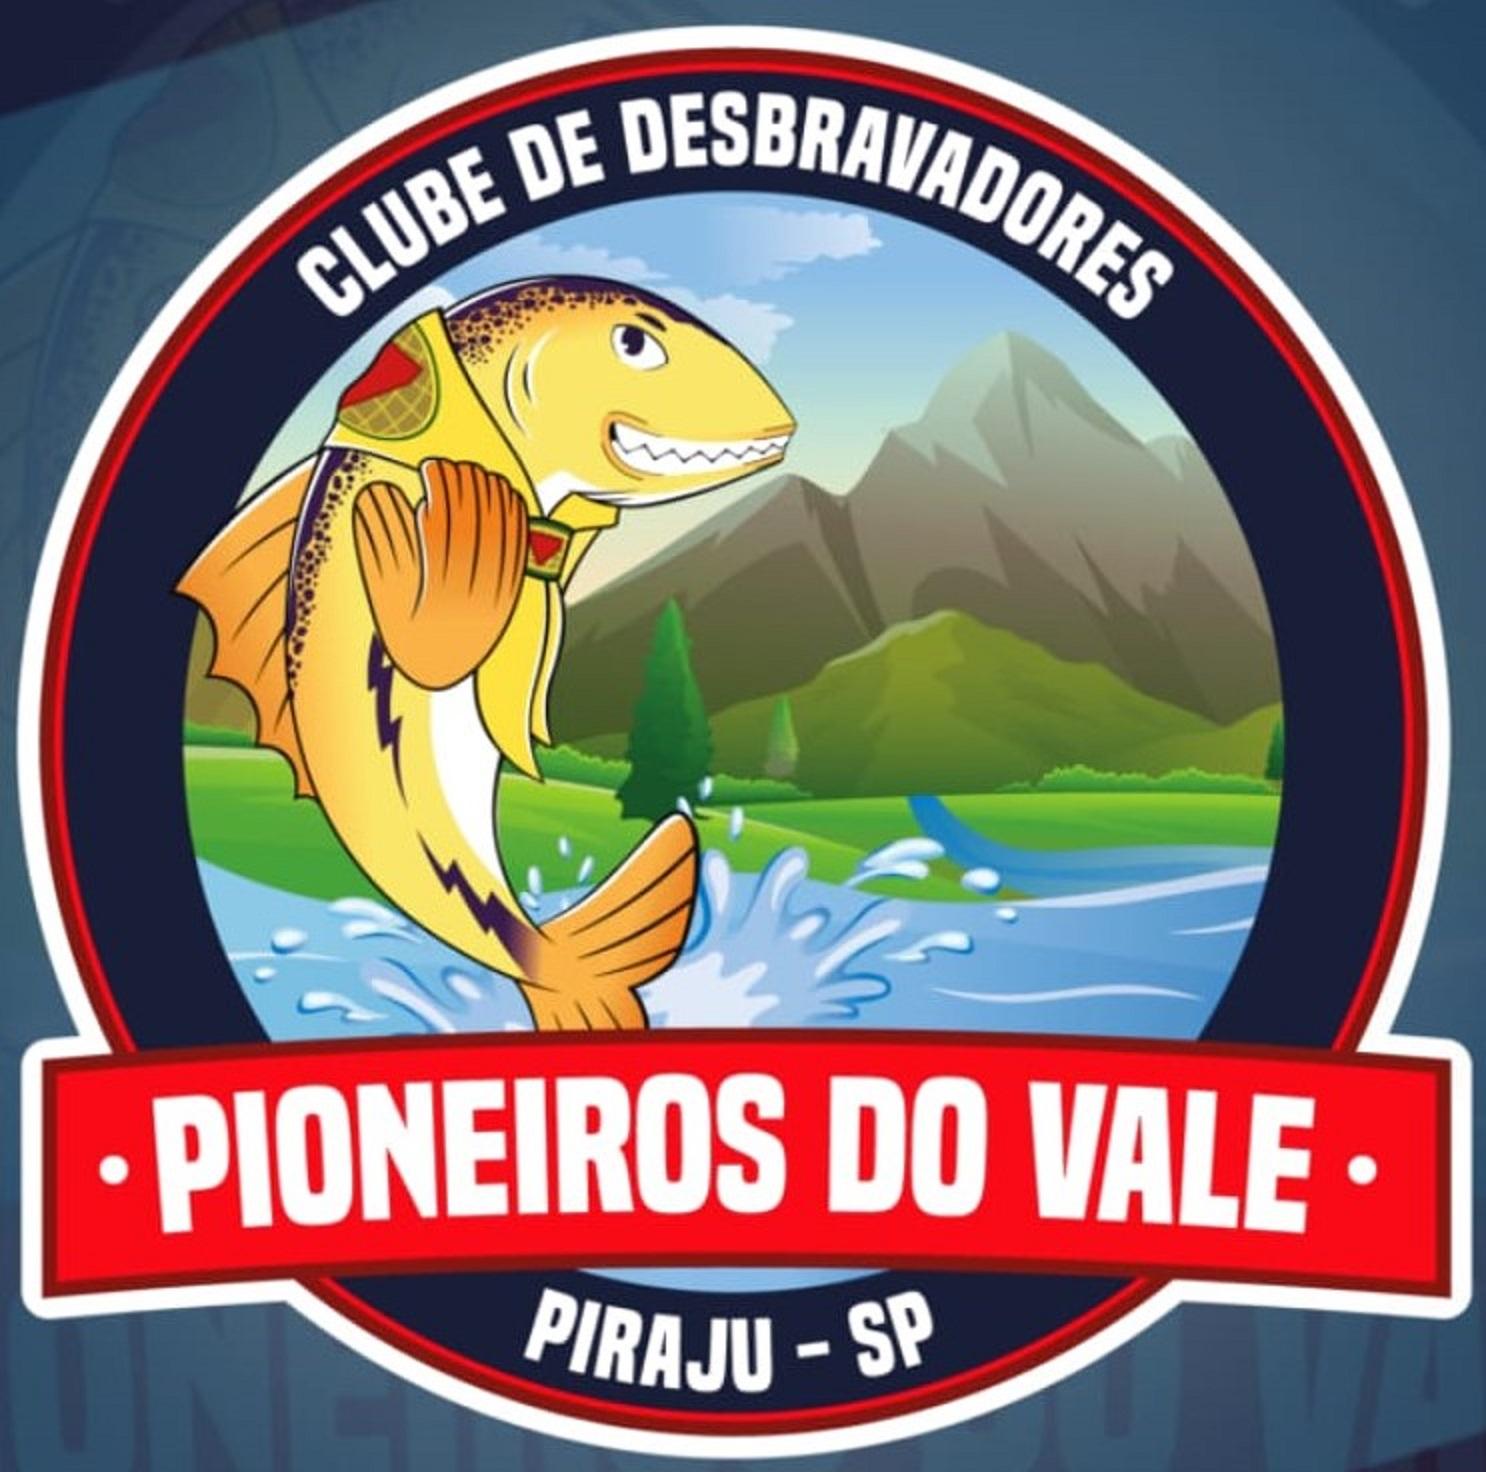 PIONEIROS DO VALE